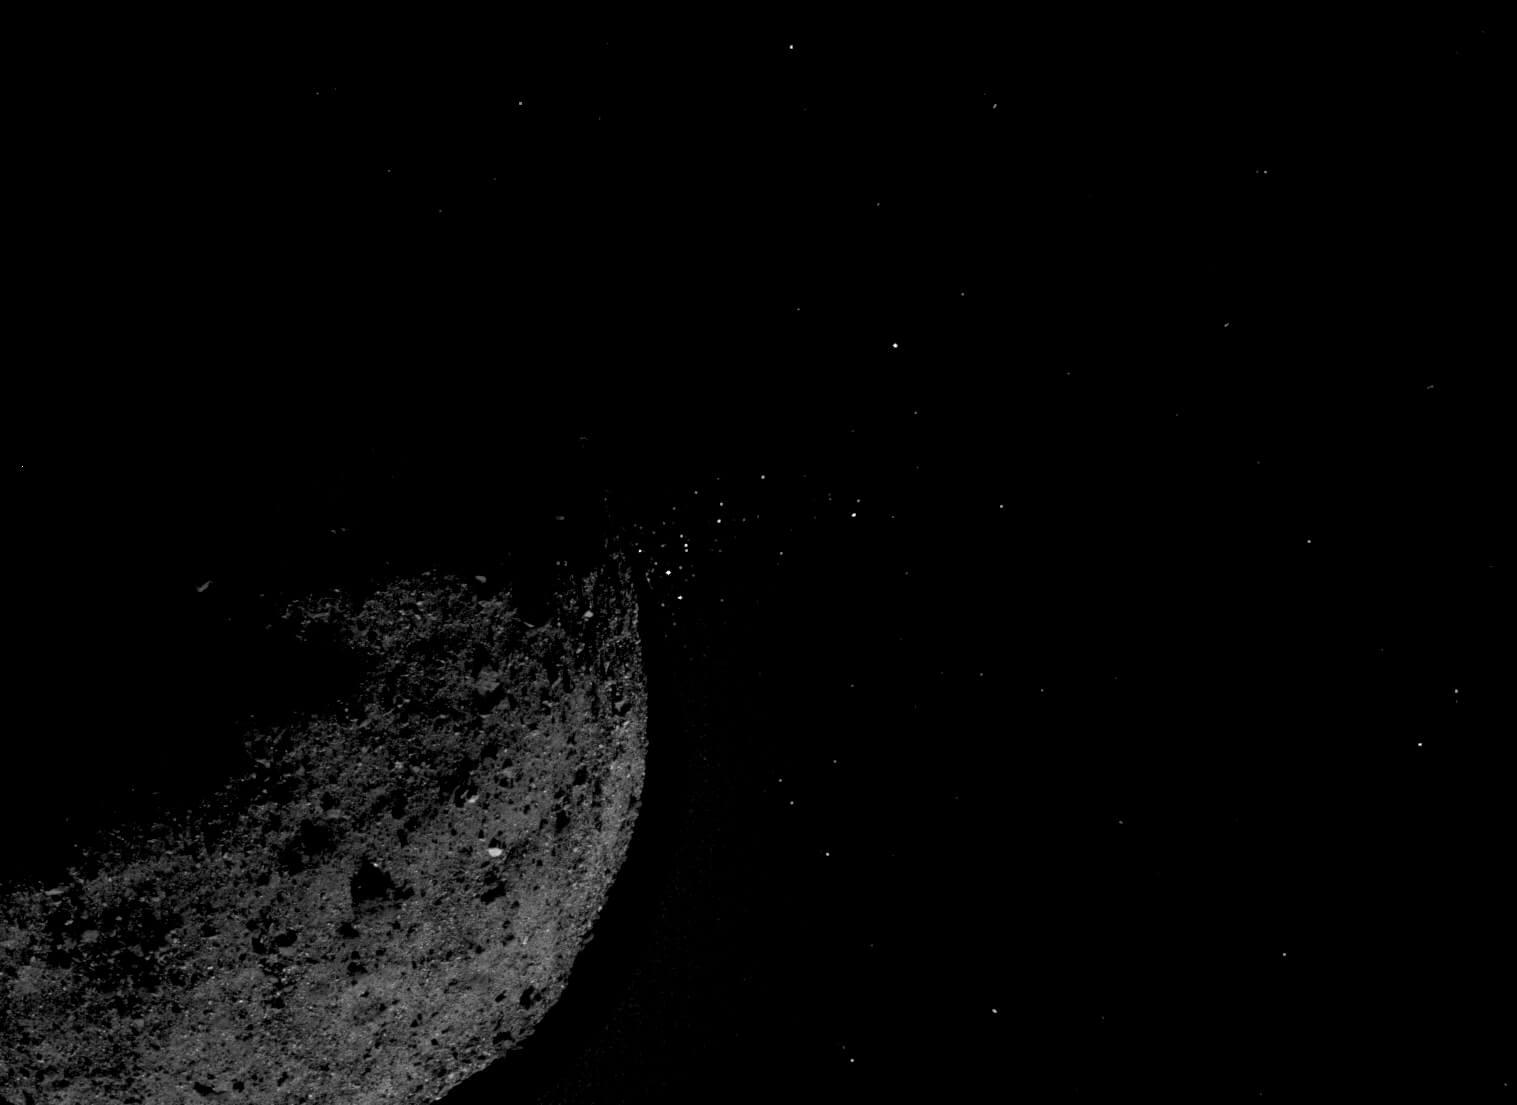 Астероид Бенну оказался более активным, чем считалось